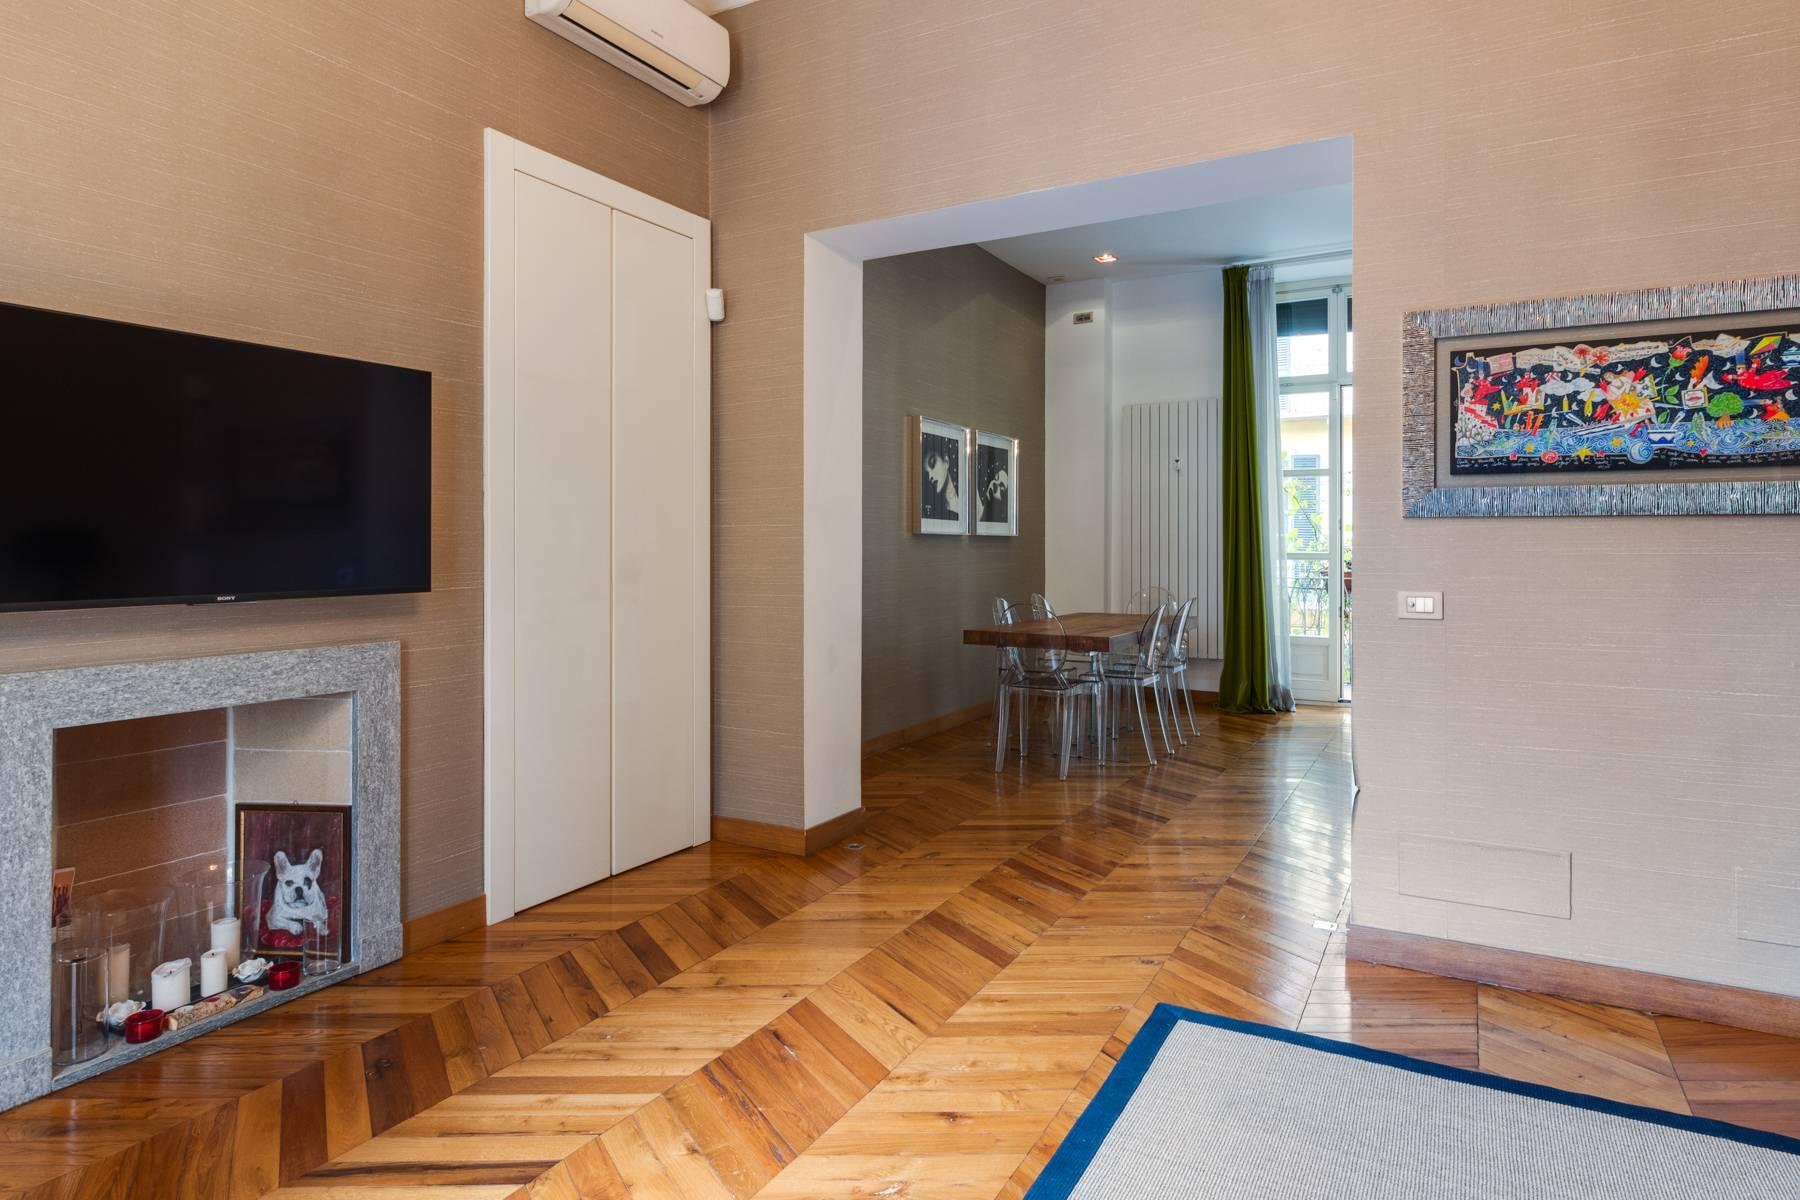 Appartamento in Vendita a Torino: 4 locali, 118 mq - Foto 7